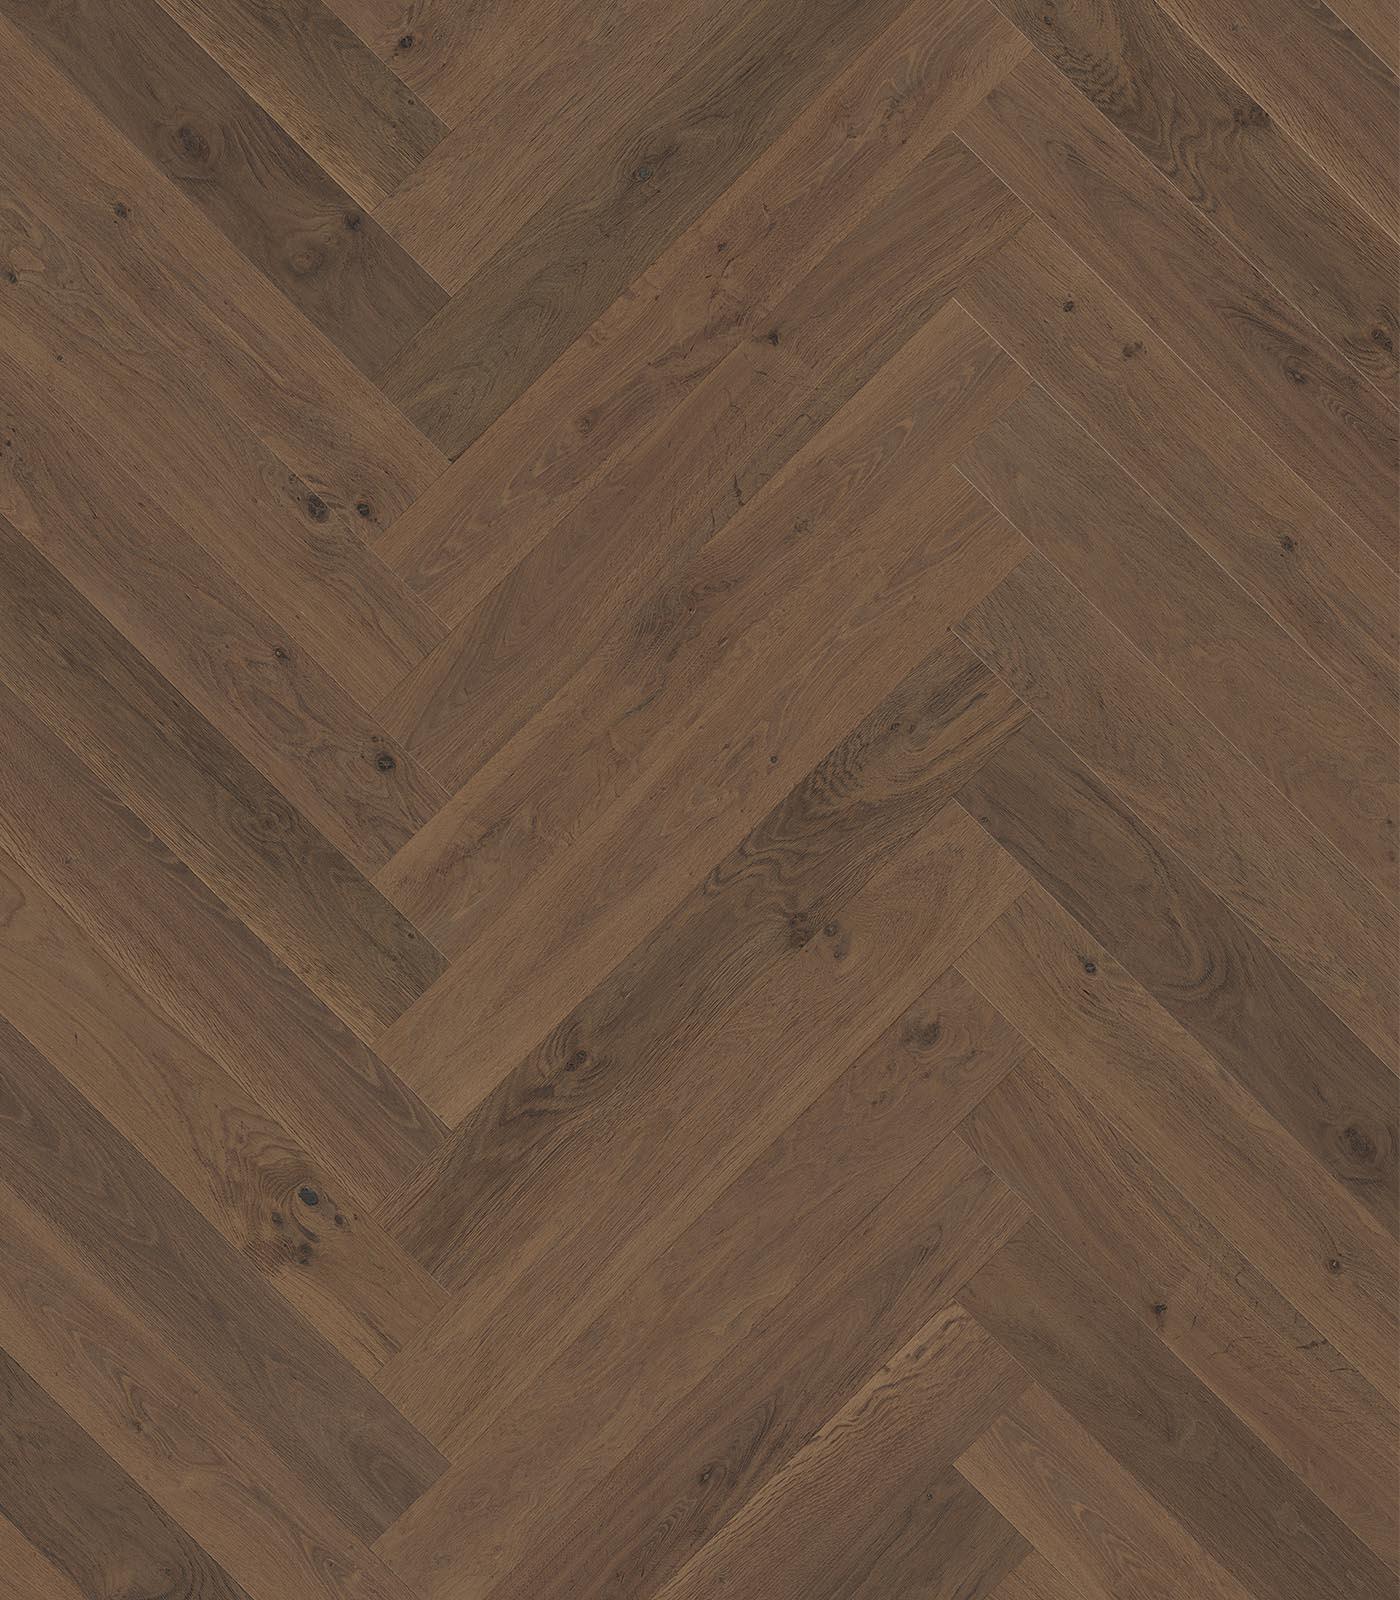 Verona-Western European oak flooring-Fashion Collection-Herringbone-flat